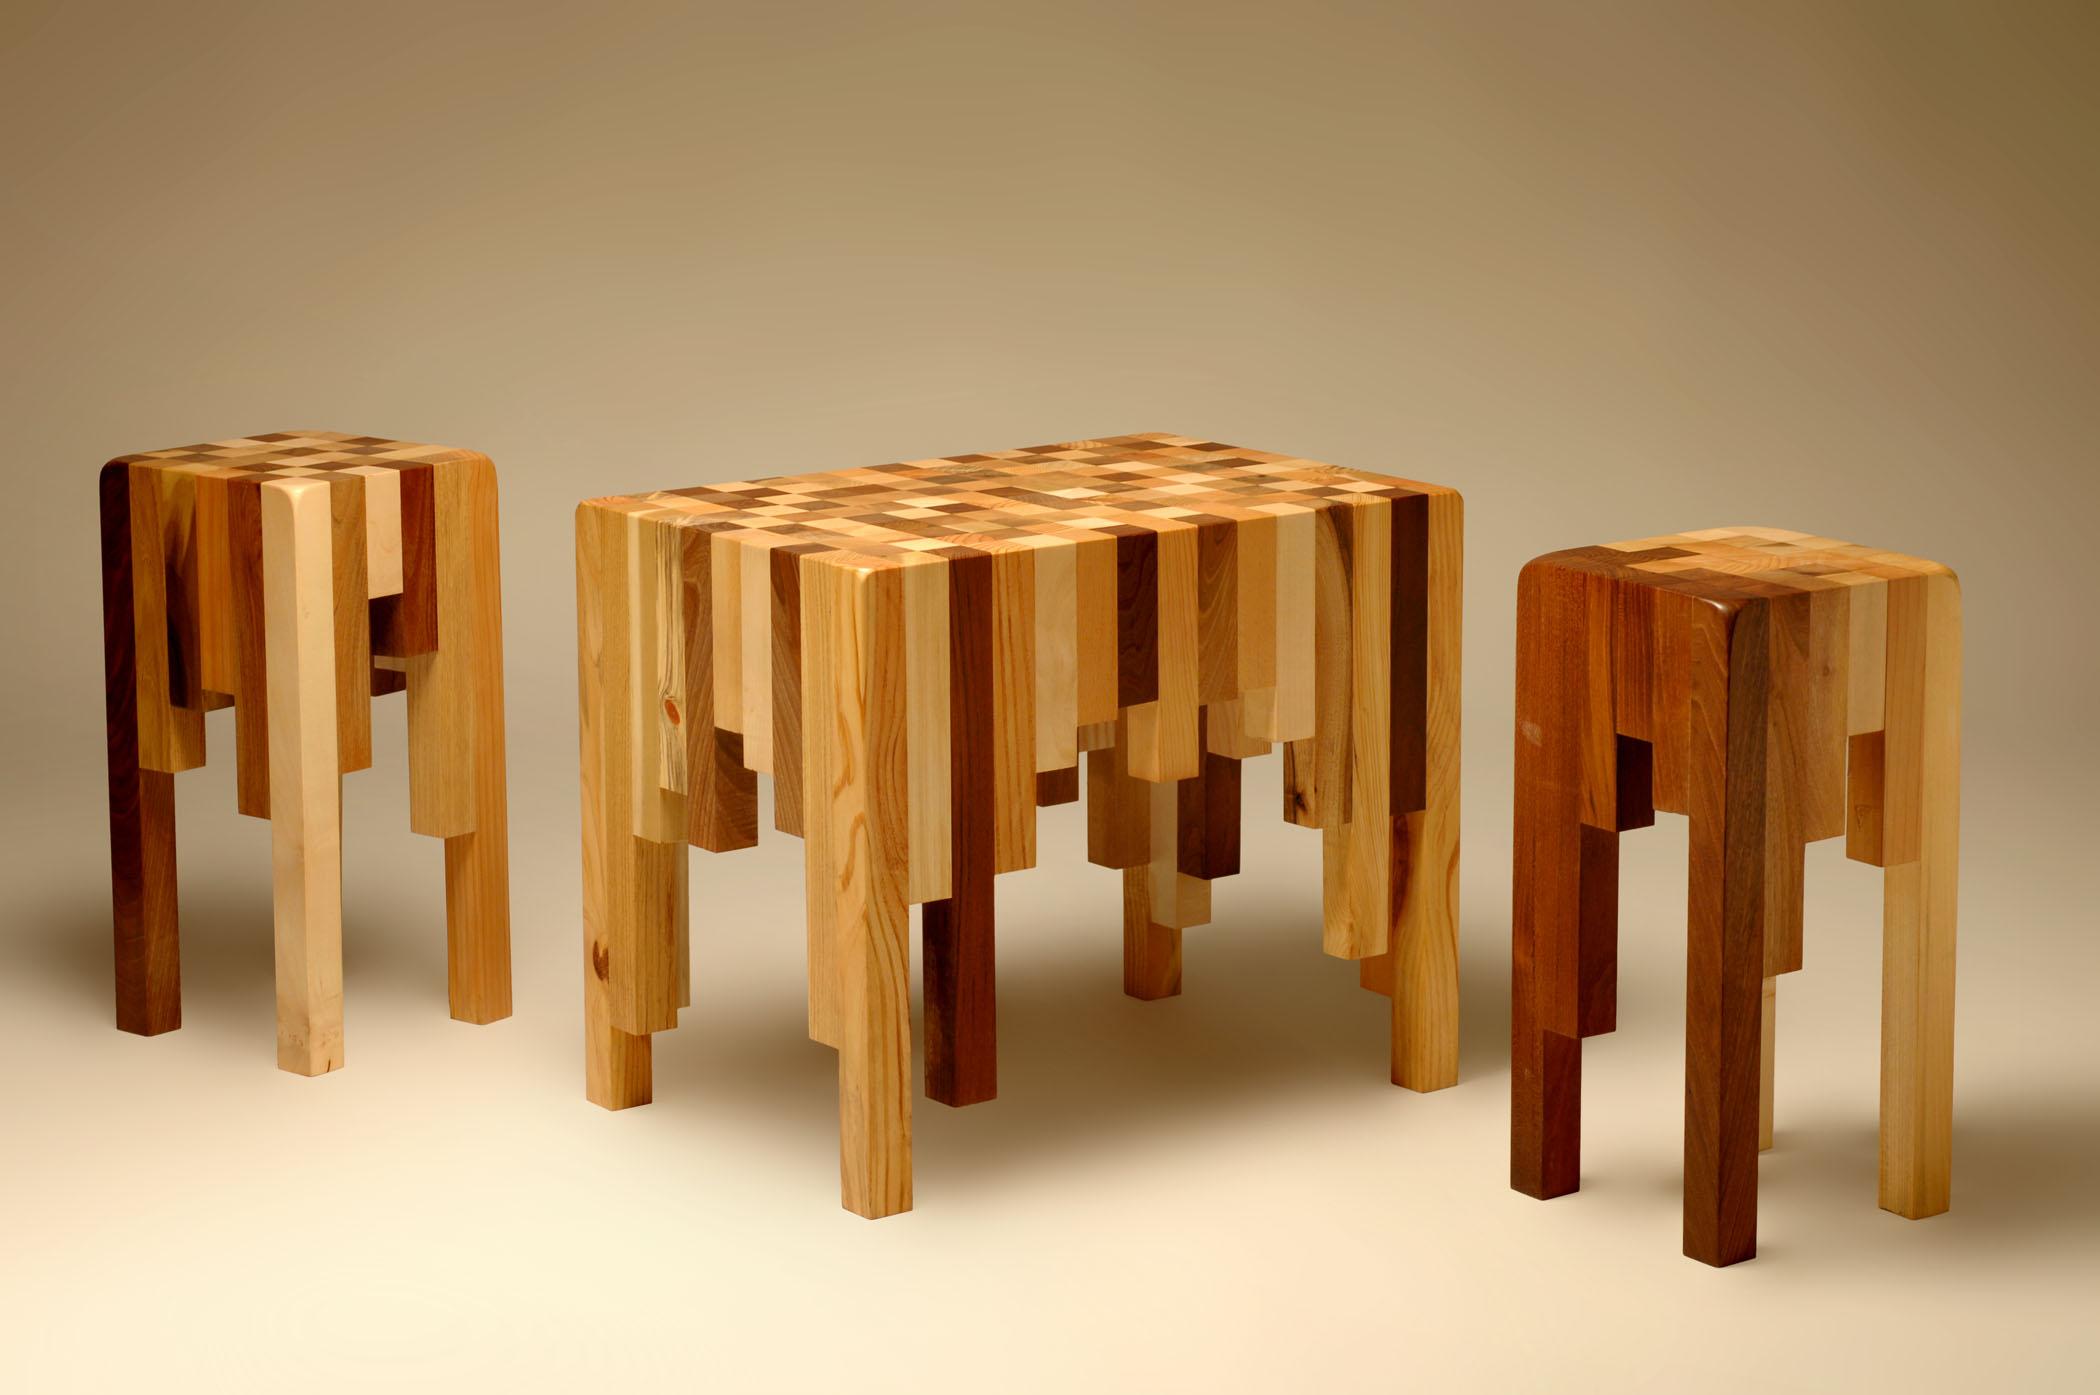 Sgabelli e tavolo da salotto in legno massello su misura